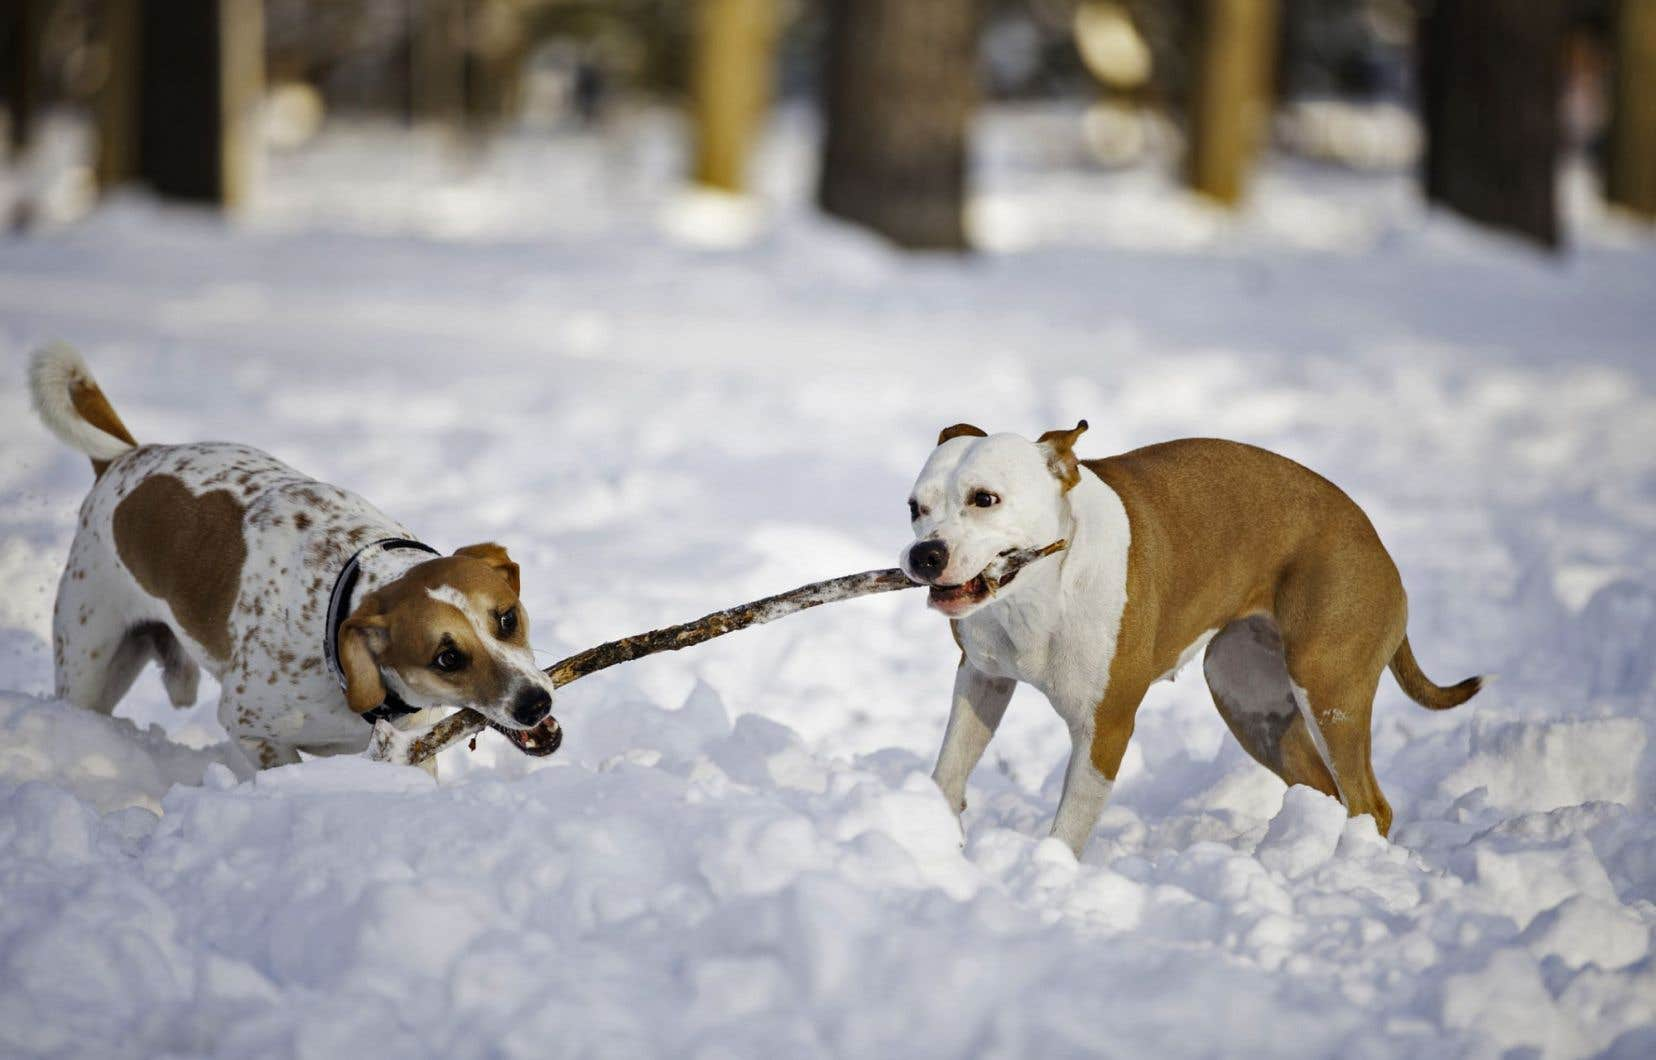 La SPCA dit recevoir chaque année plus de 2000 chiens abandonnés, errants ou qui ont été saisis.